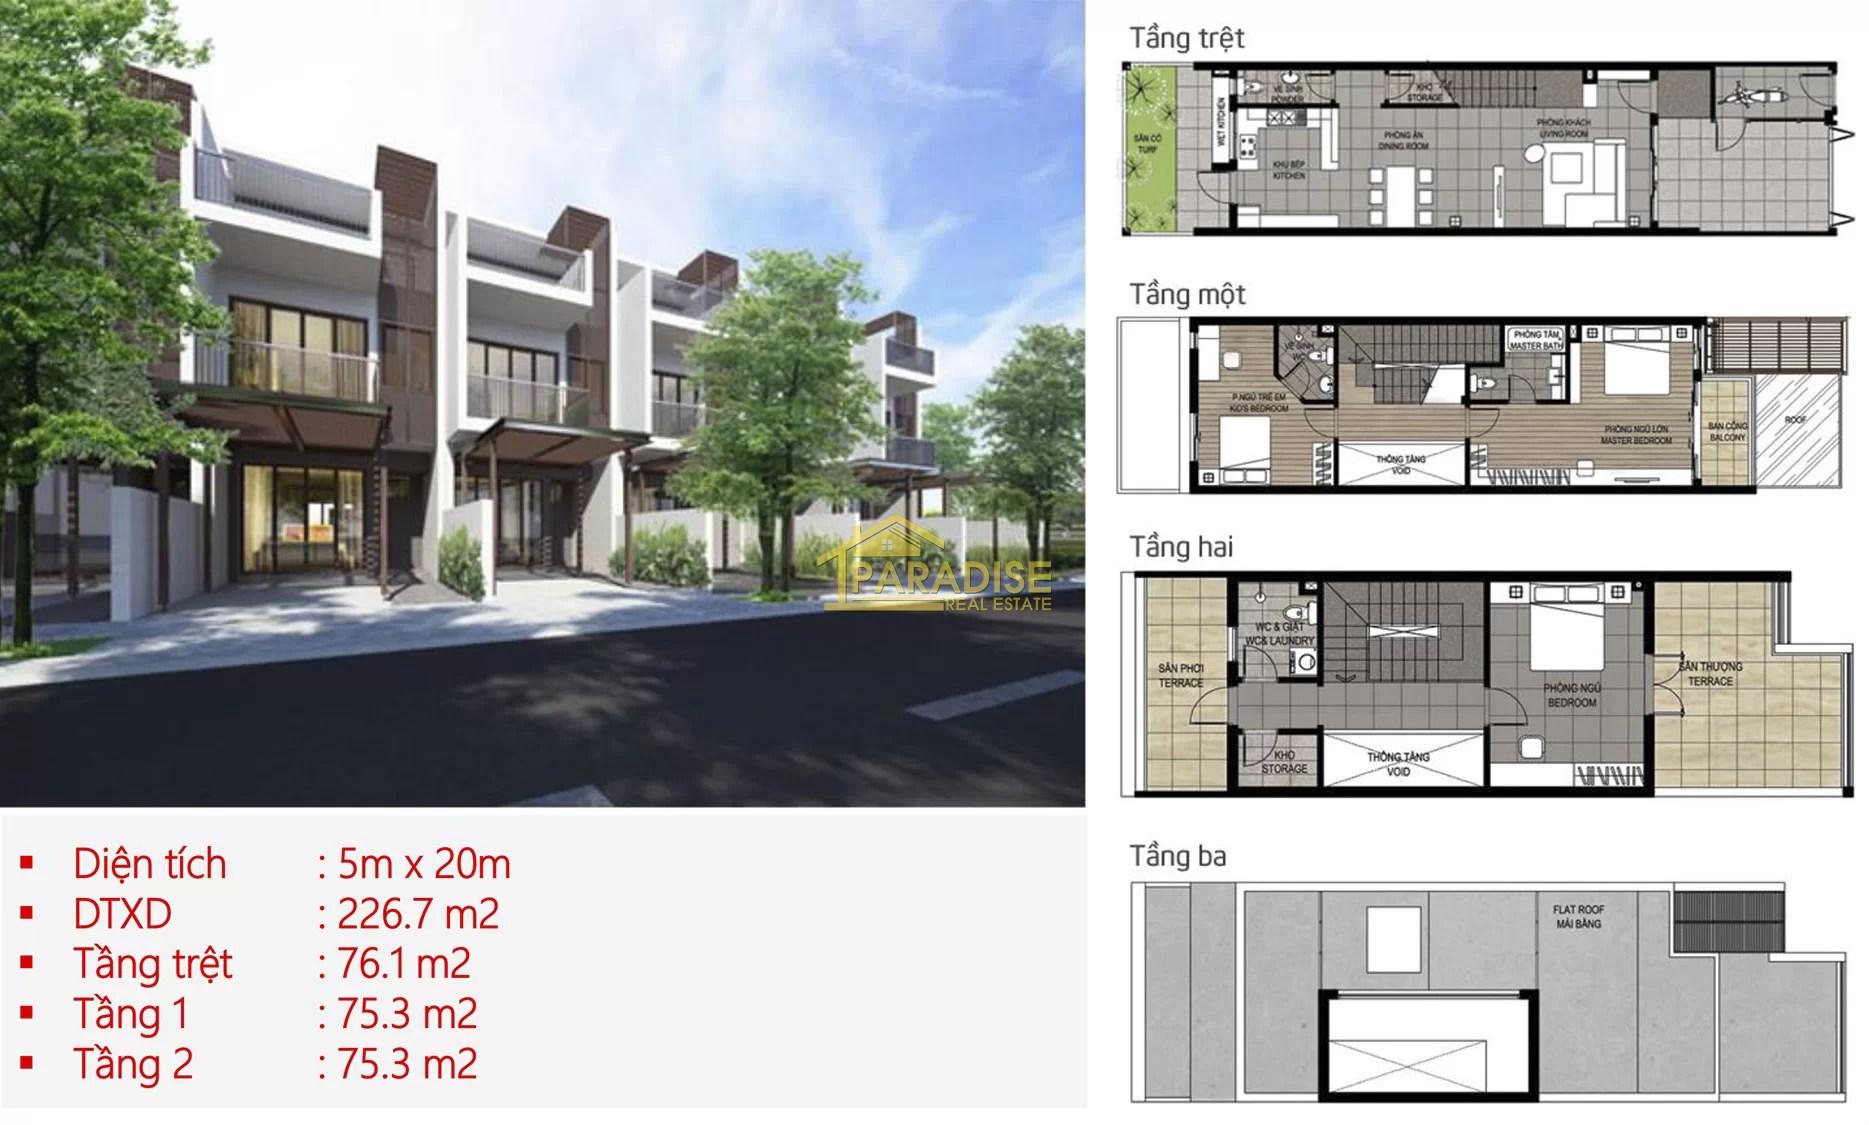 Dự án Khu đô thị KVG Premium Luxury Residences Nha Trang Khánh Vĩnh Group